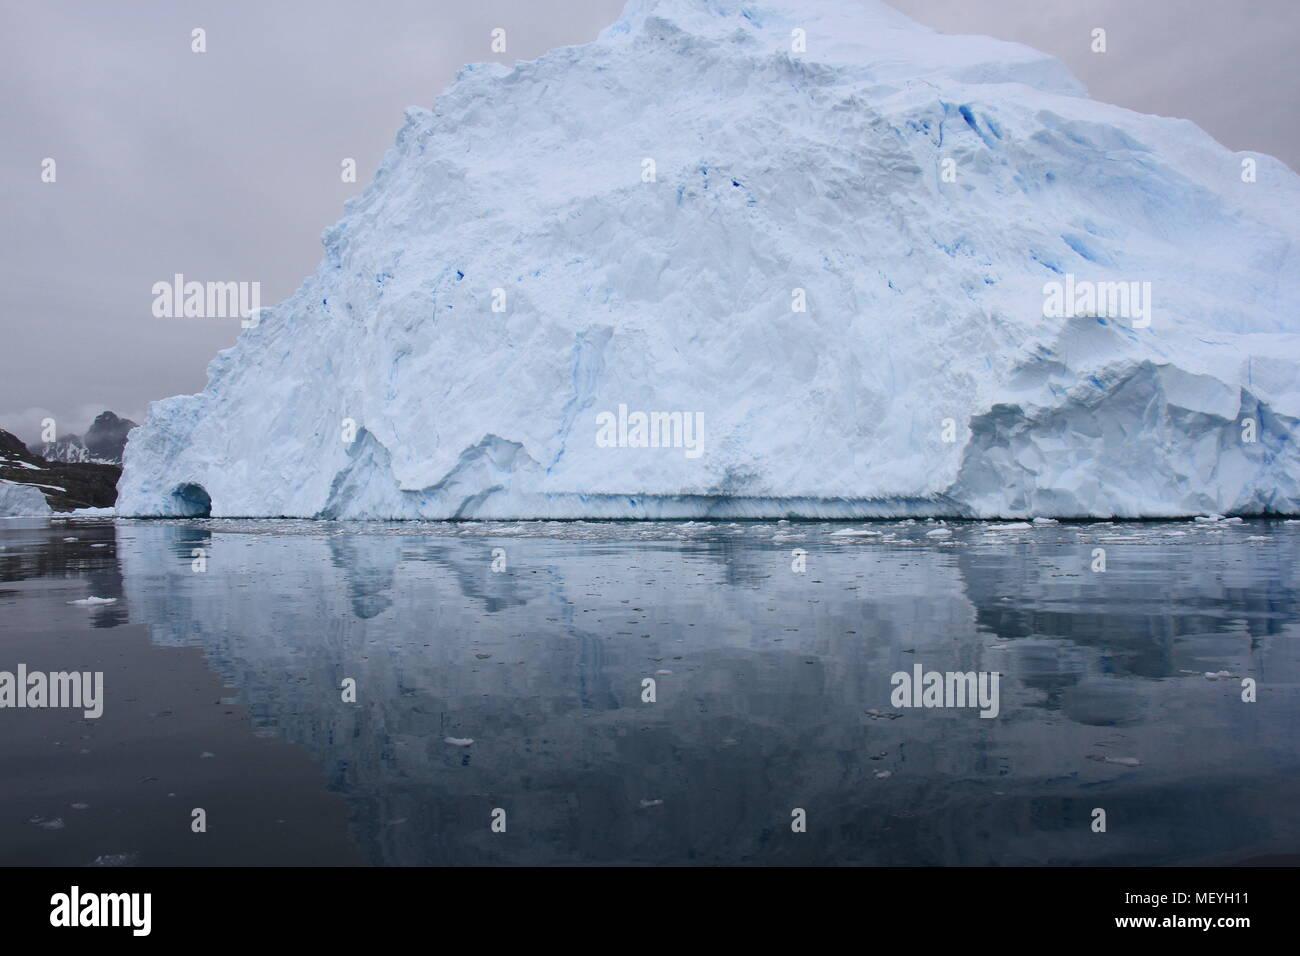 La glace de l'Antarctique Banque D'Images